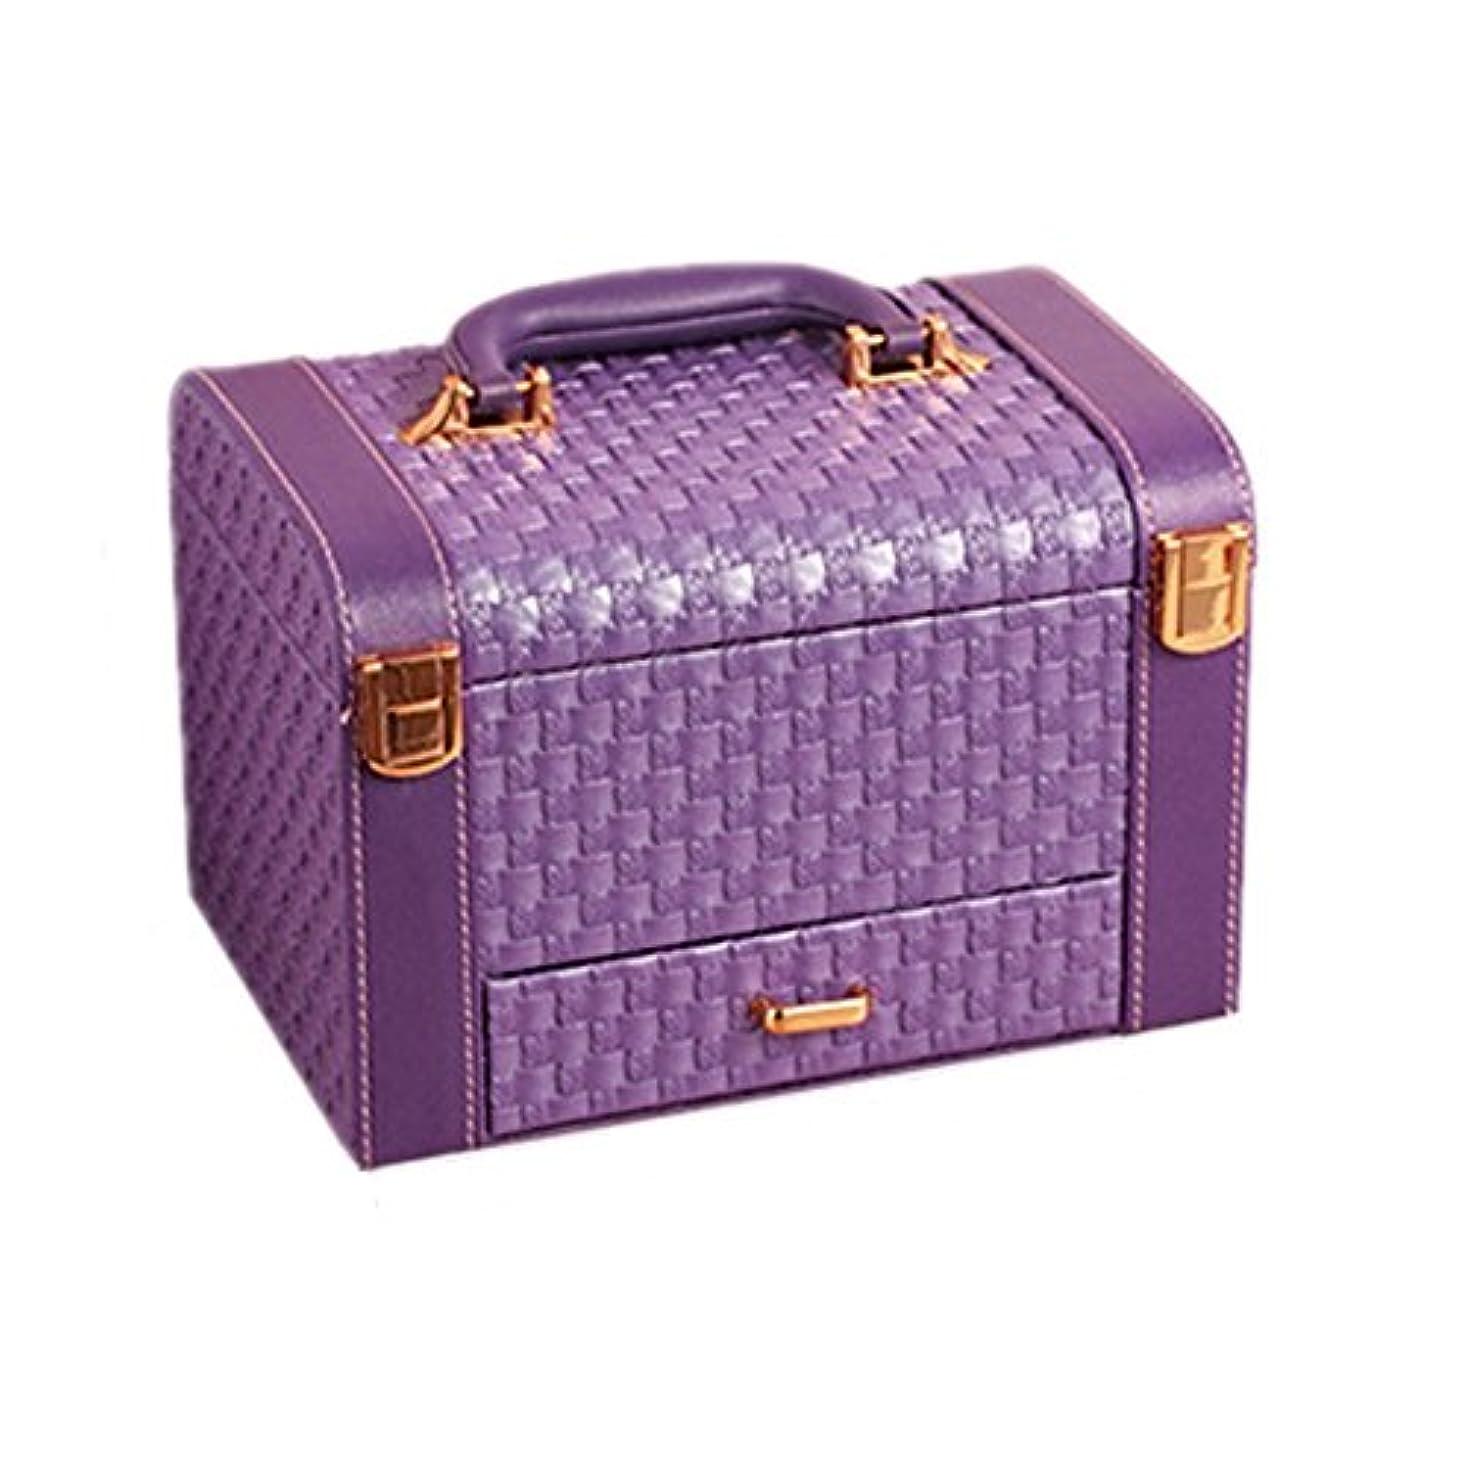 戦闘一目かんがい化粧オーガナイザーバッグ 紫のポータブル化粧品ケース旅行のための美容メイクアップコンパートメントの小さなものの種類のための 化粧品ケース